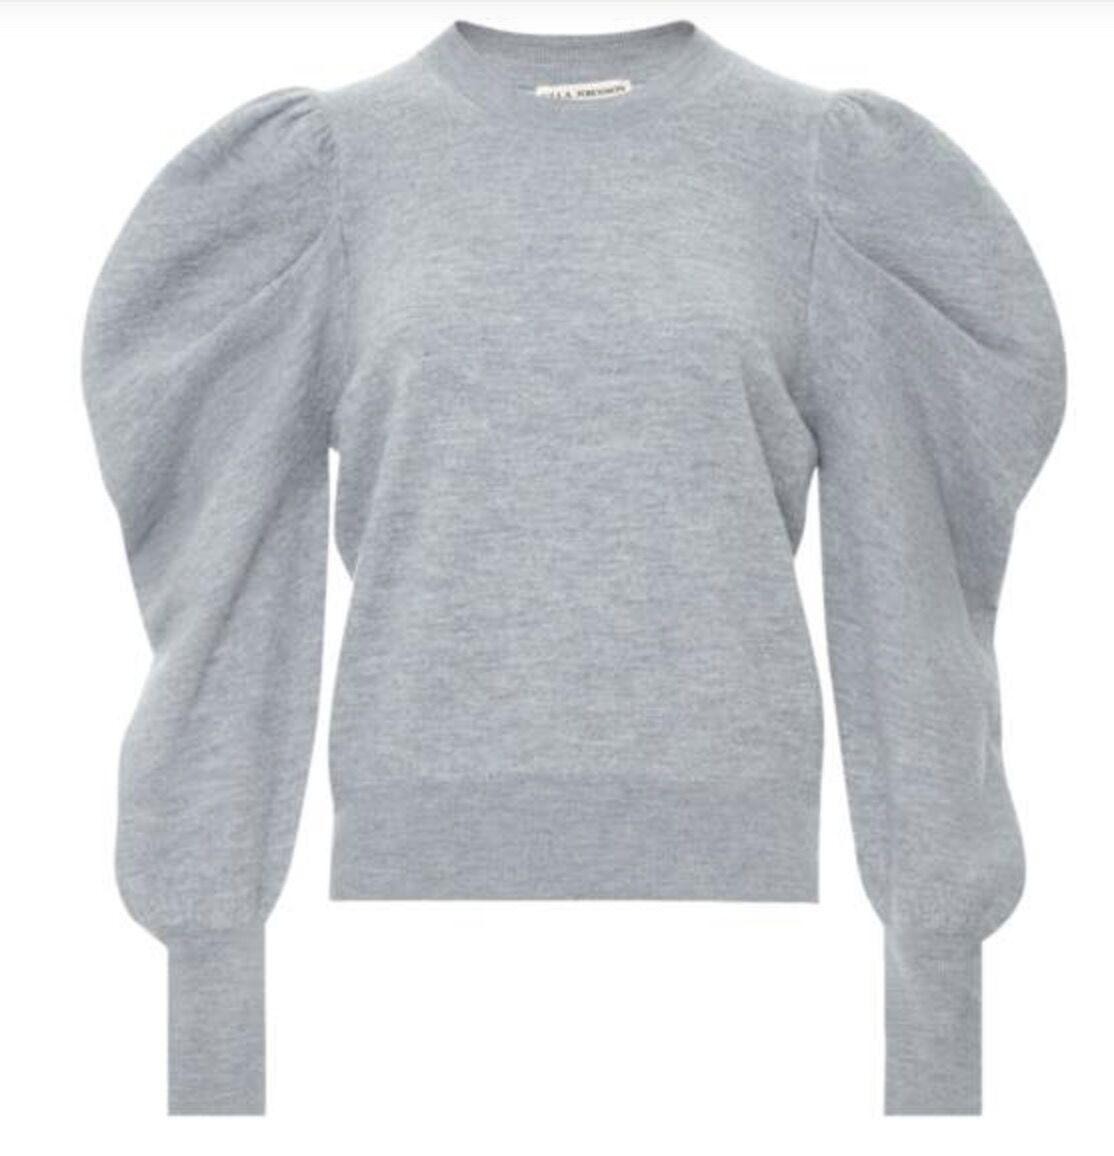 Des manches ballons pour twister un petit pull ( Pull en laine merinos, Ulla Jonhson, 745 €, chez Smallable).